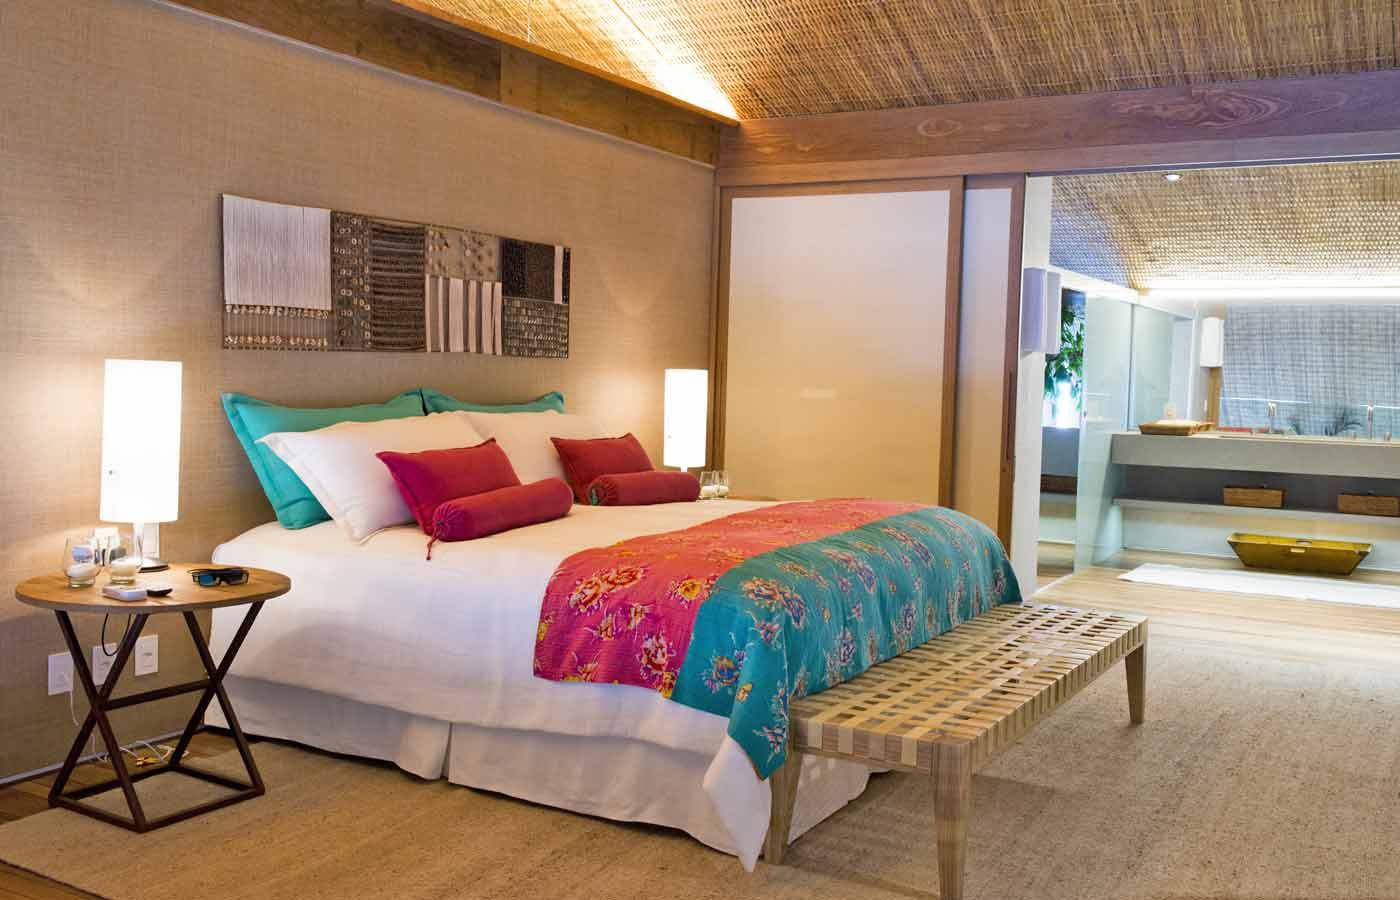 Pousada Literaria de Paraty - Luxury holidays to Paraty, Brazil